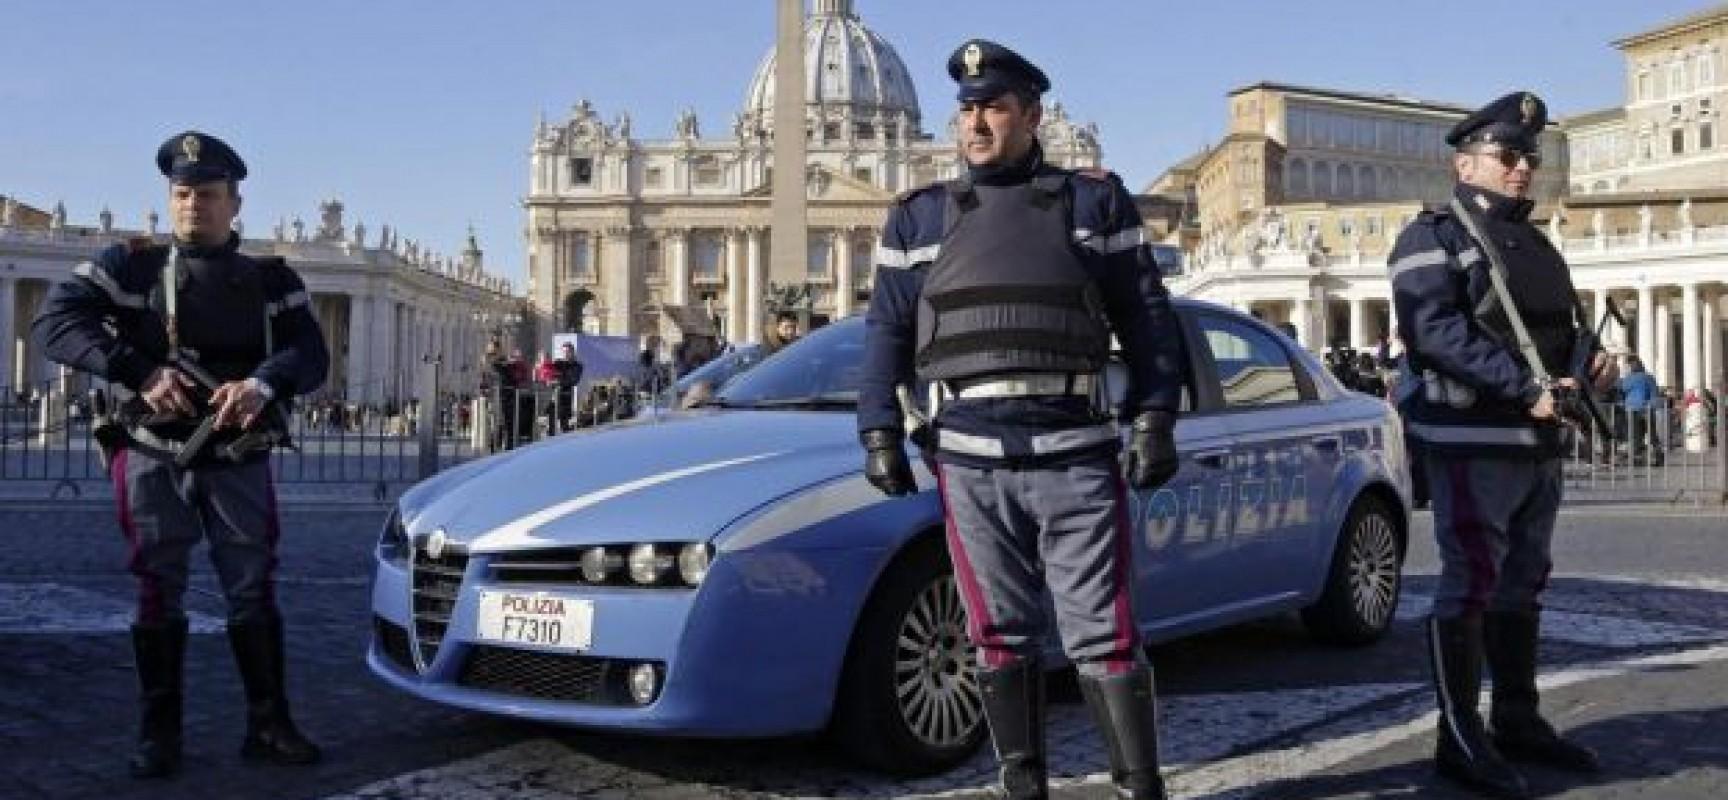 Terrorismo: elevare sicurezza nei luoghi di culto in Abruzzo